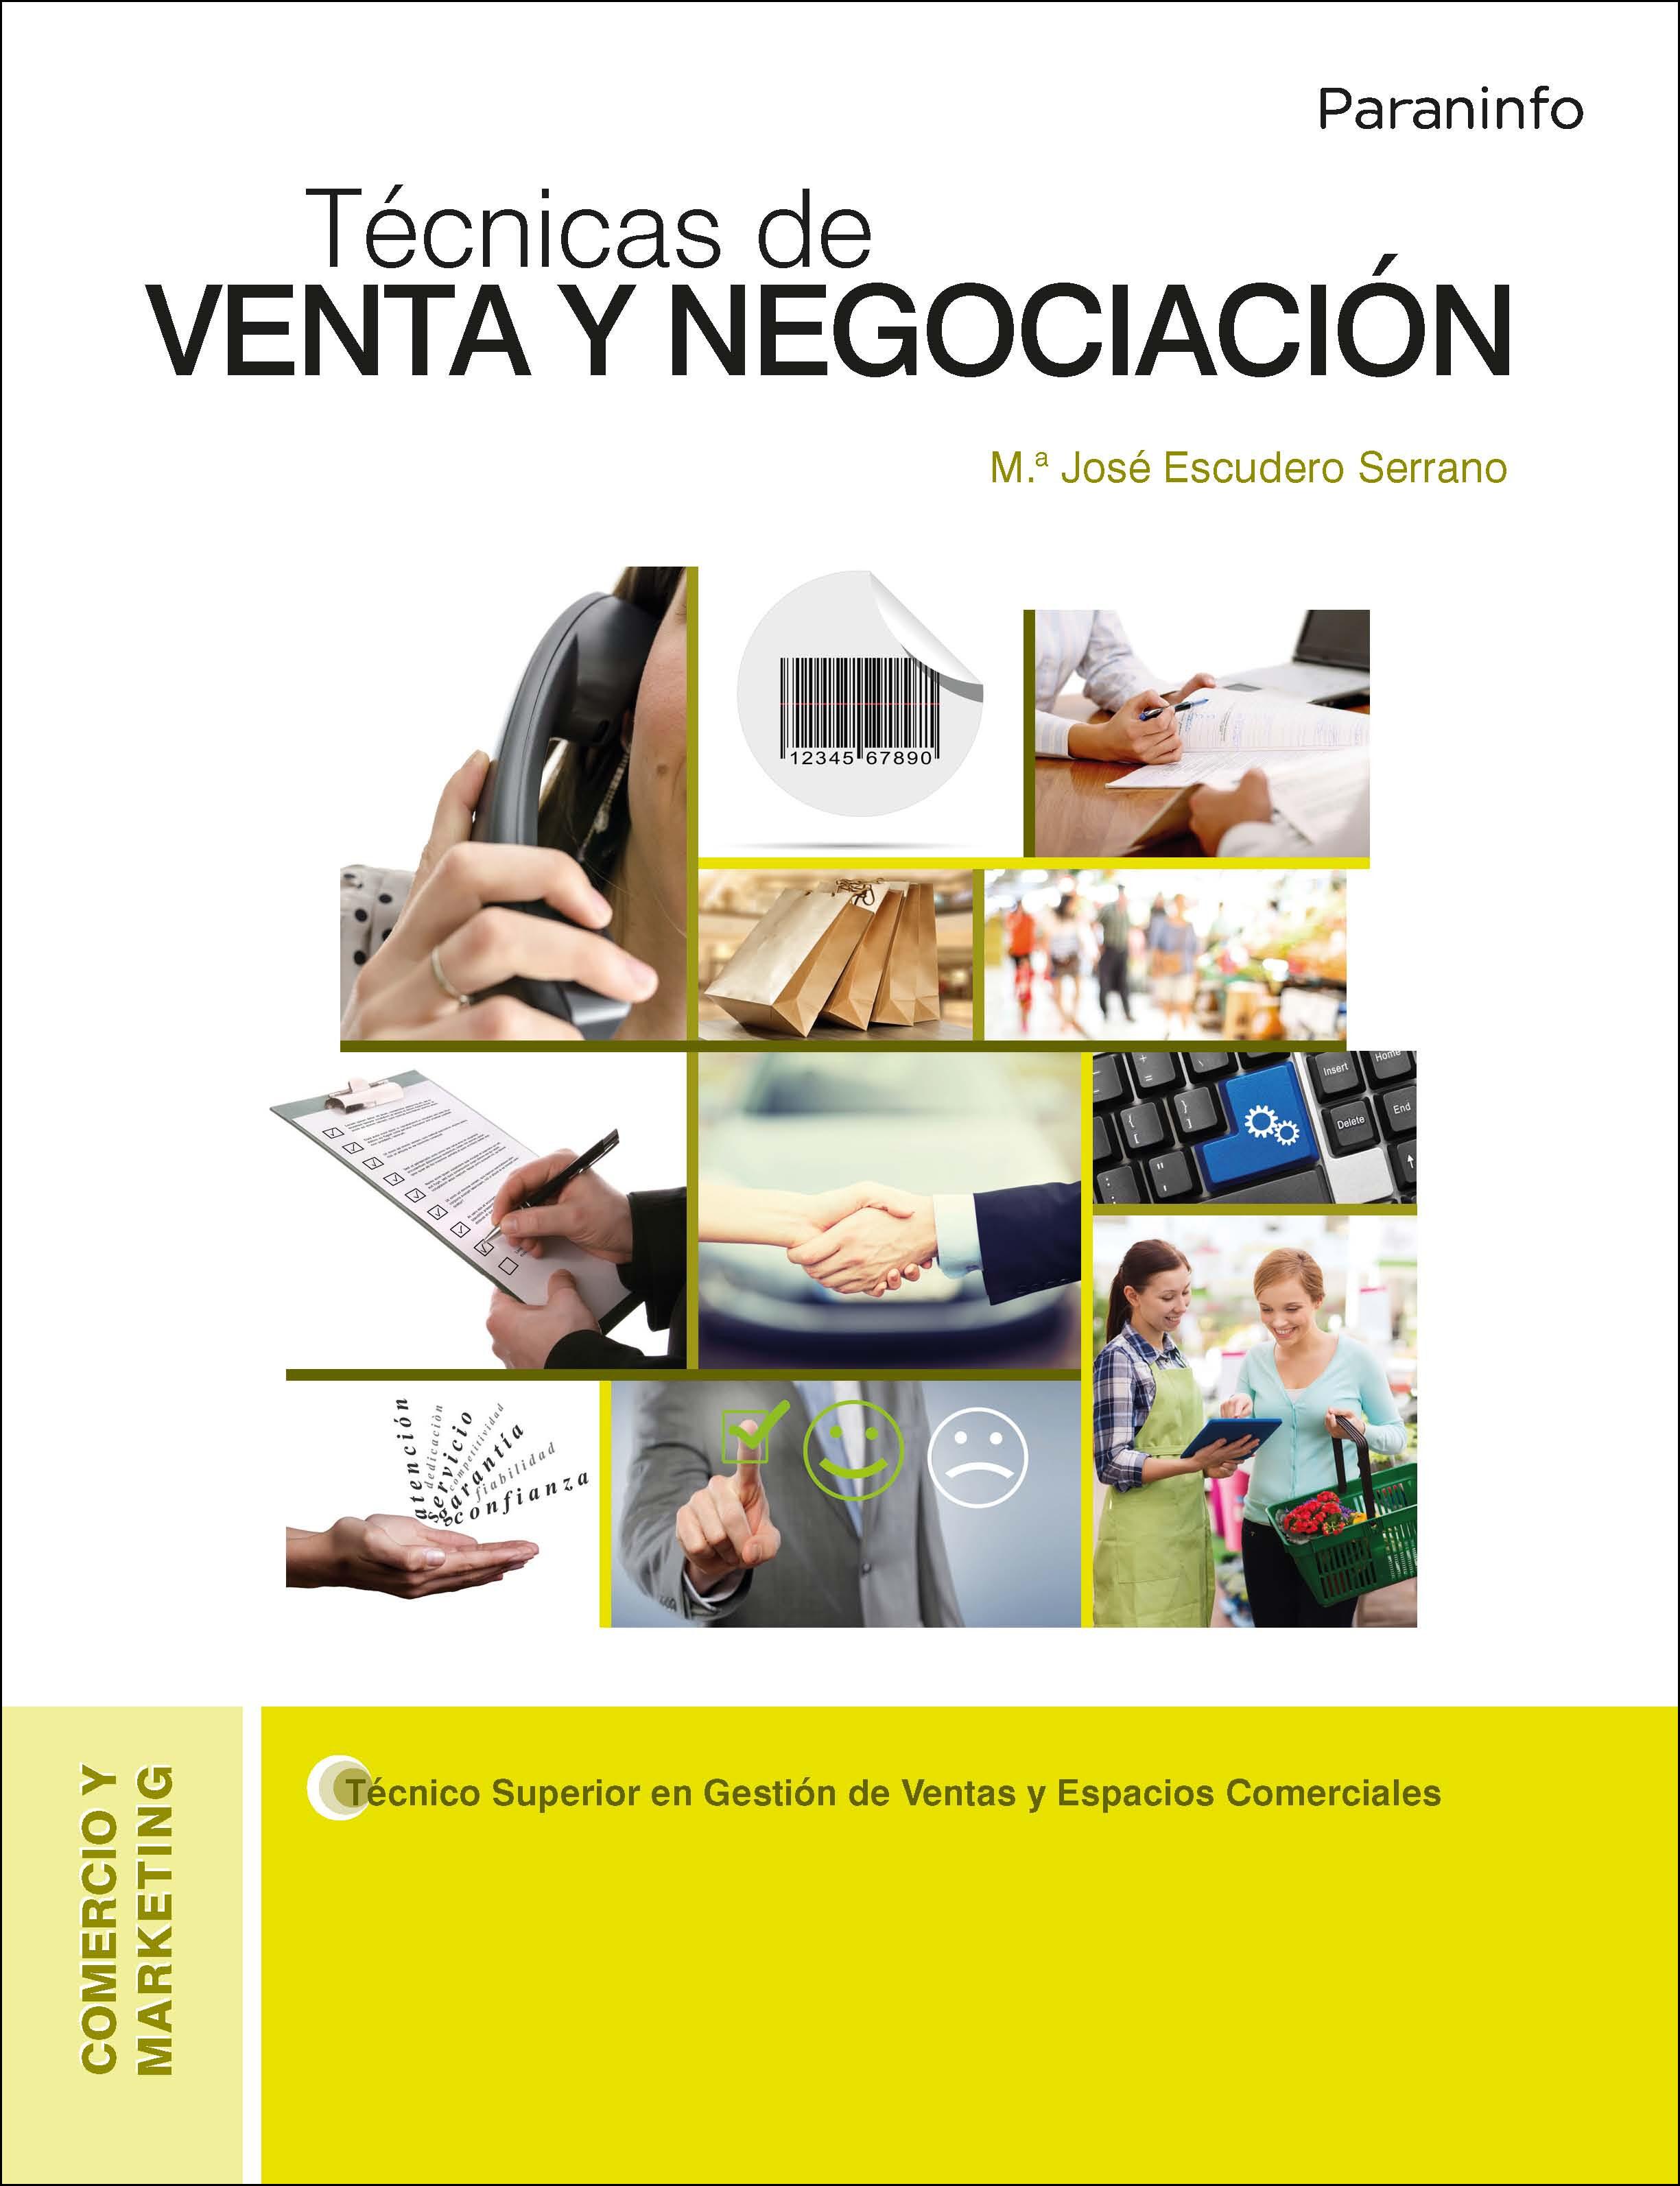 Tecnicas De Venta Y Negociacion por Maria Jose Escudero Serrano